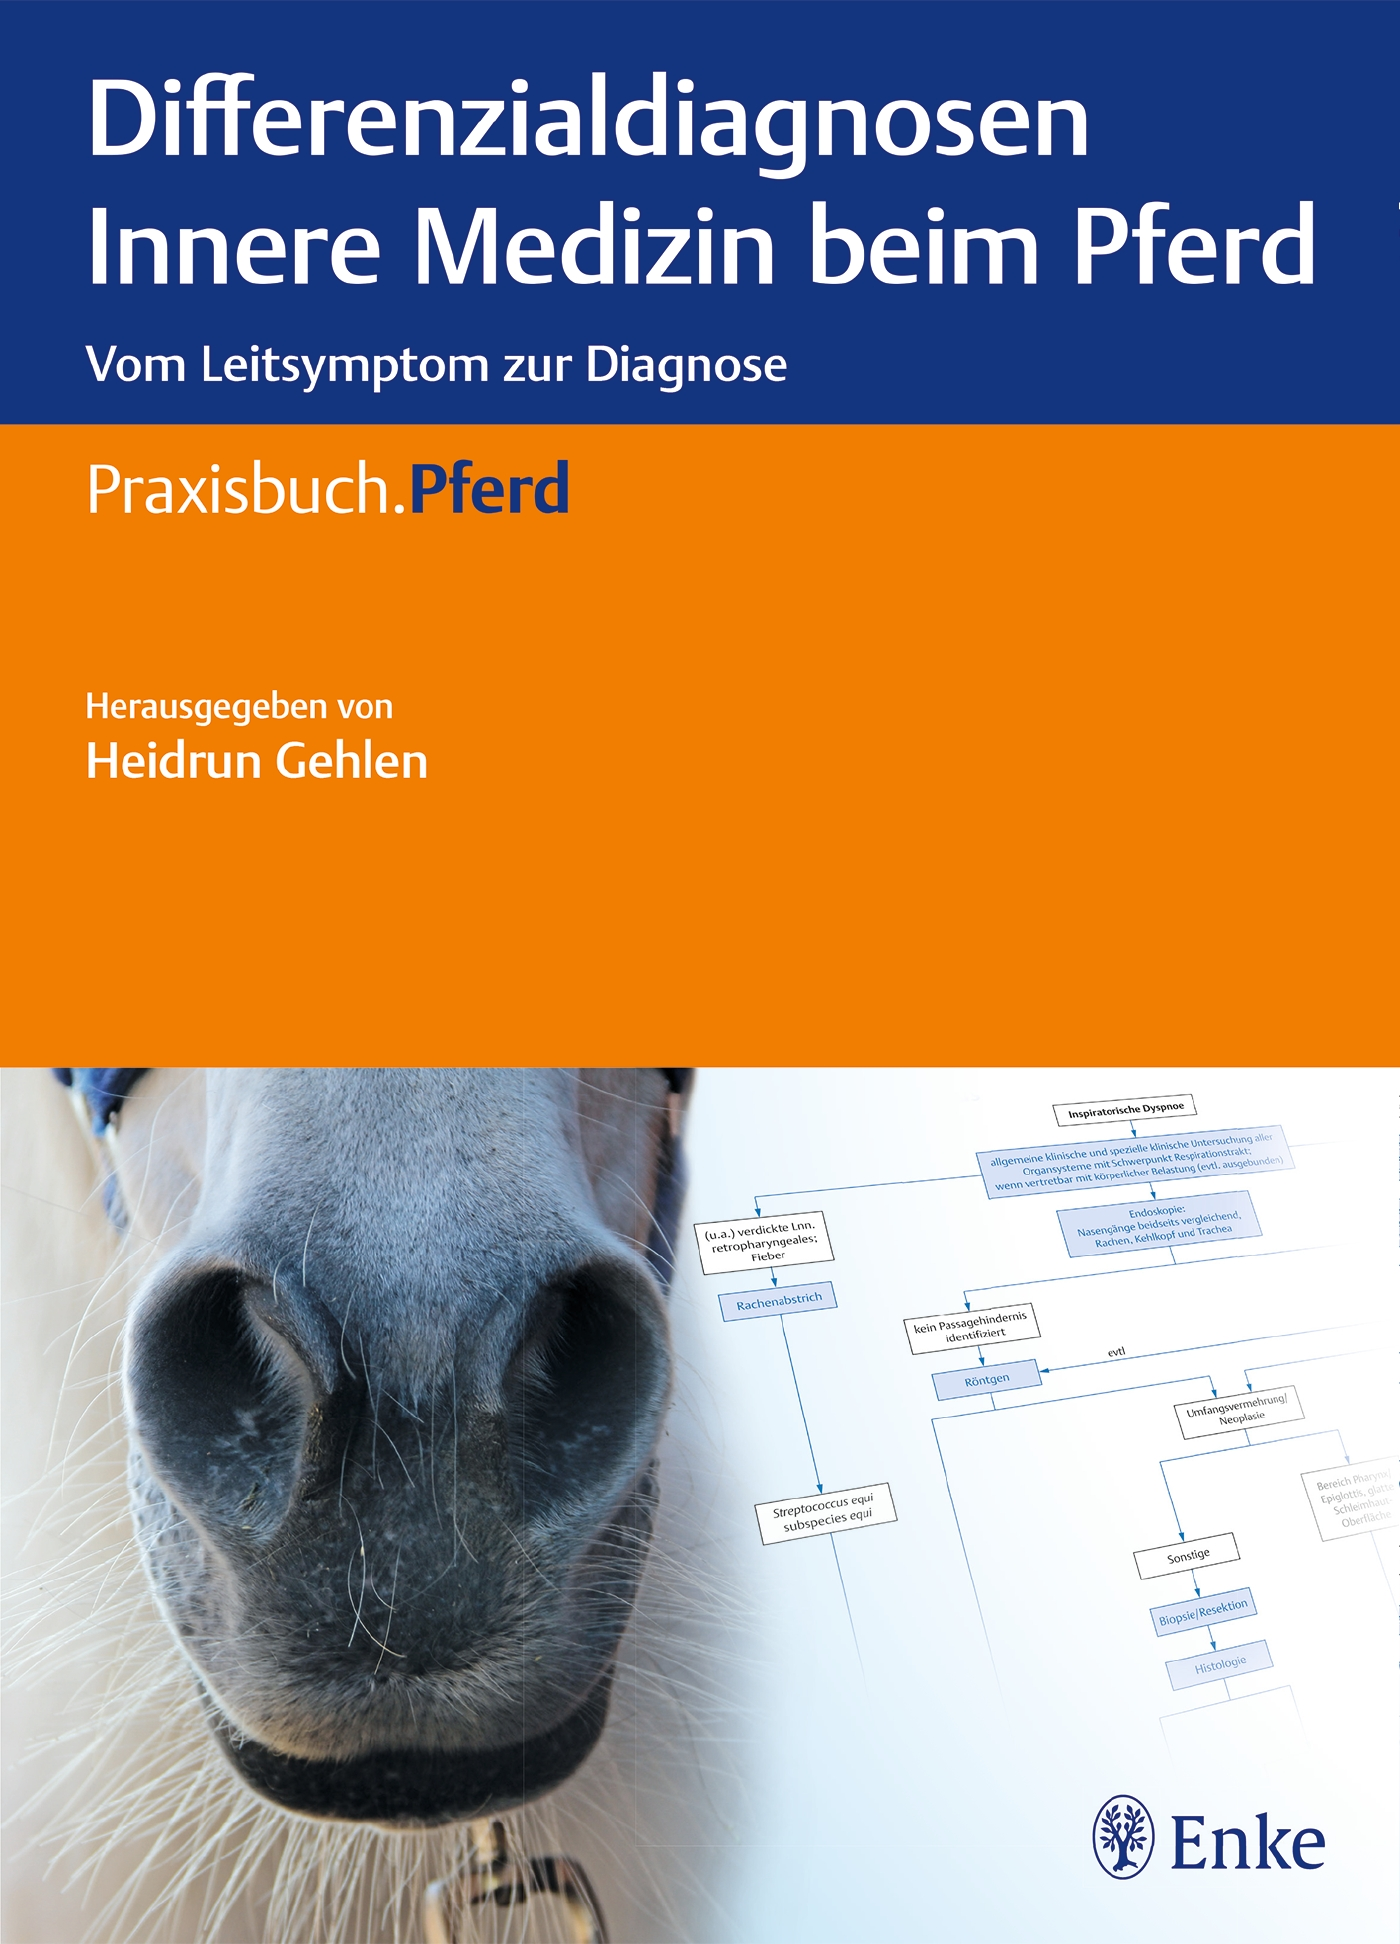 Differenzialdiagnosen Innere Medizin beim Pferd